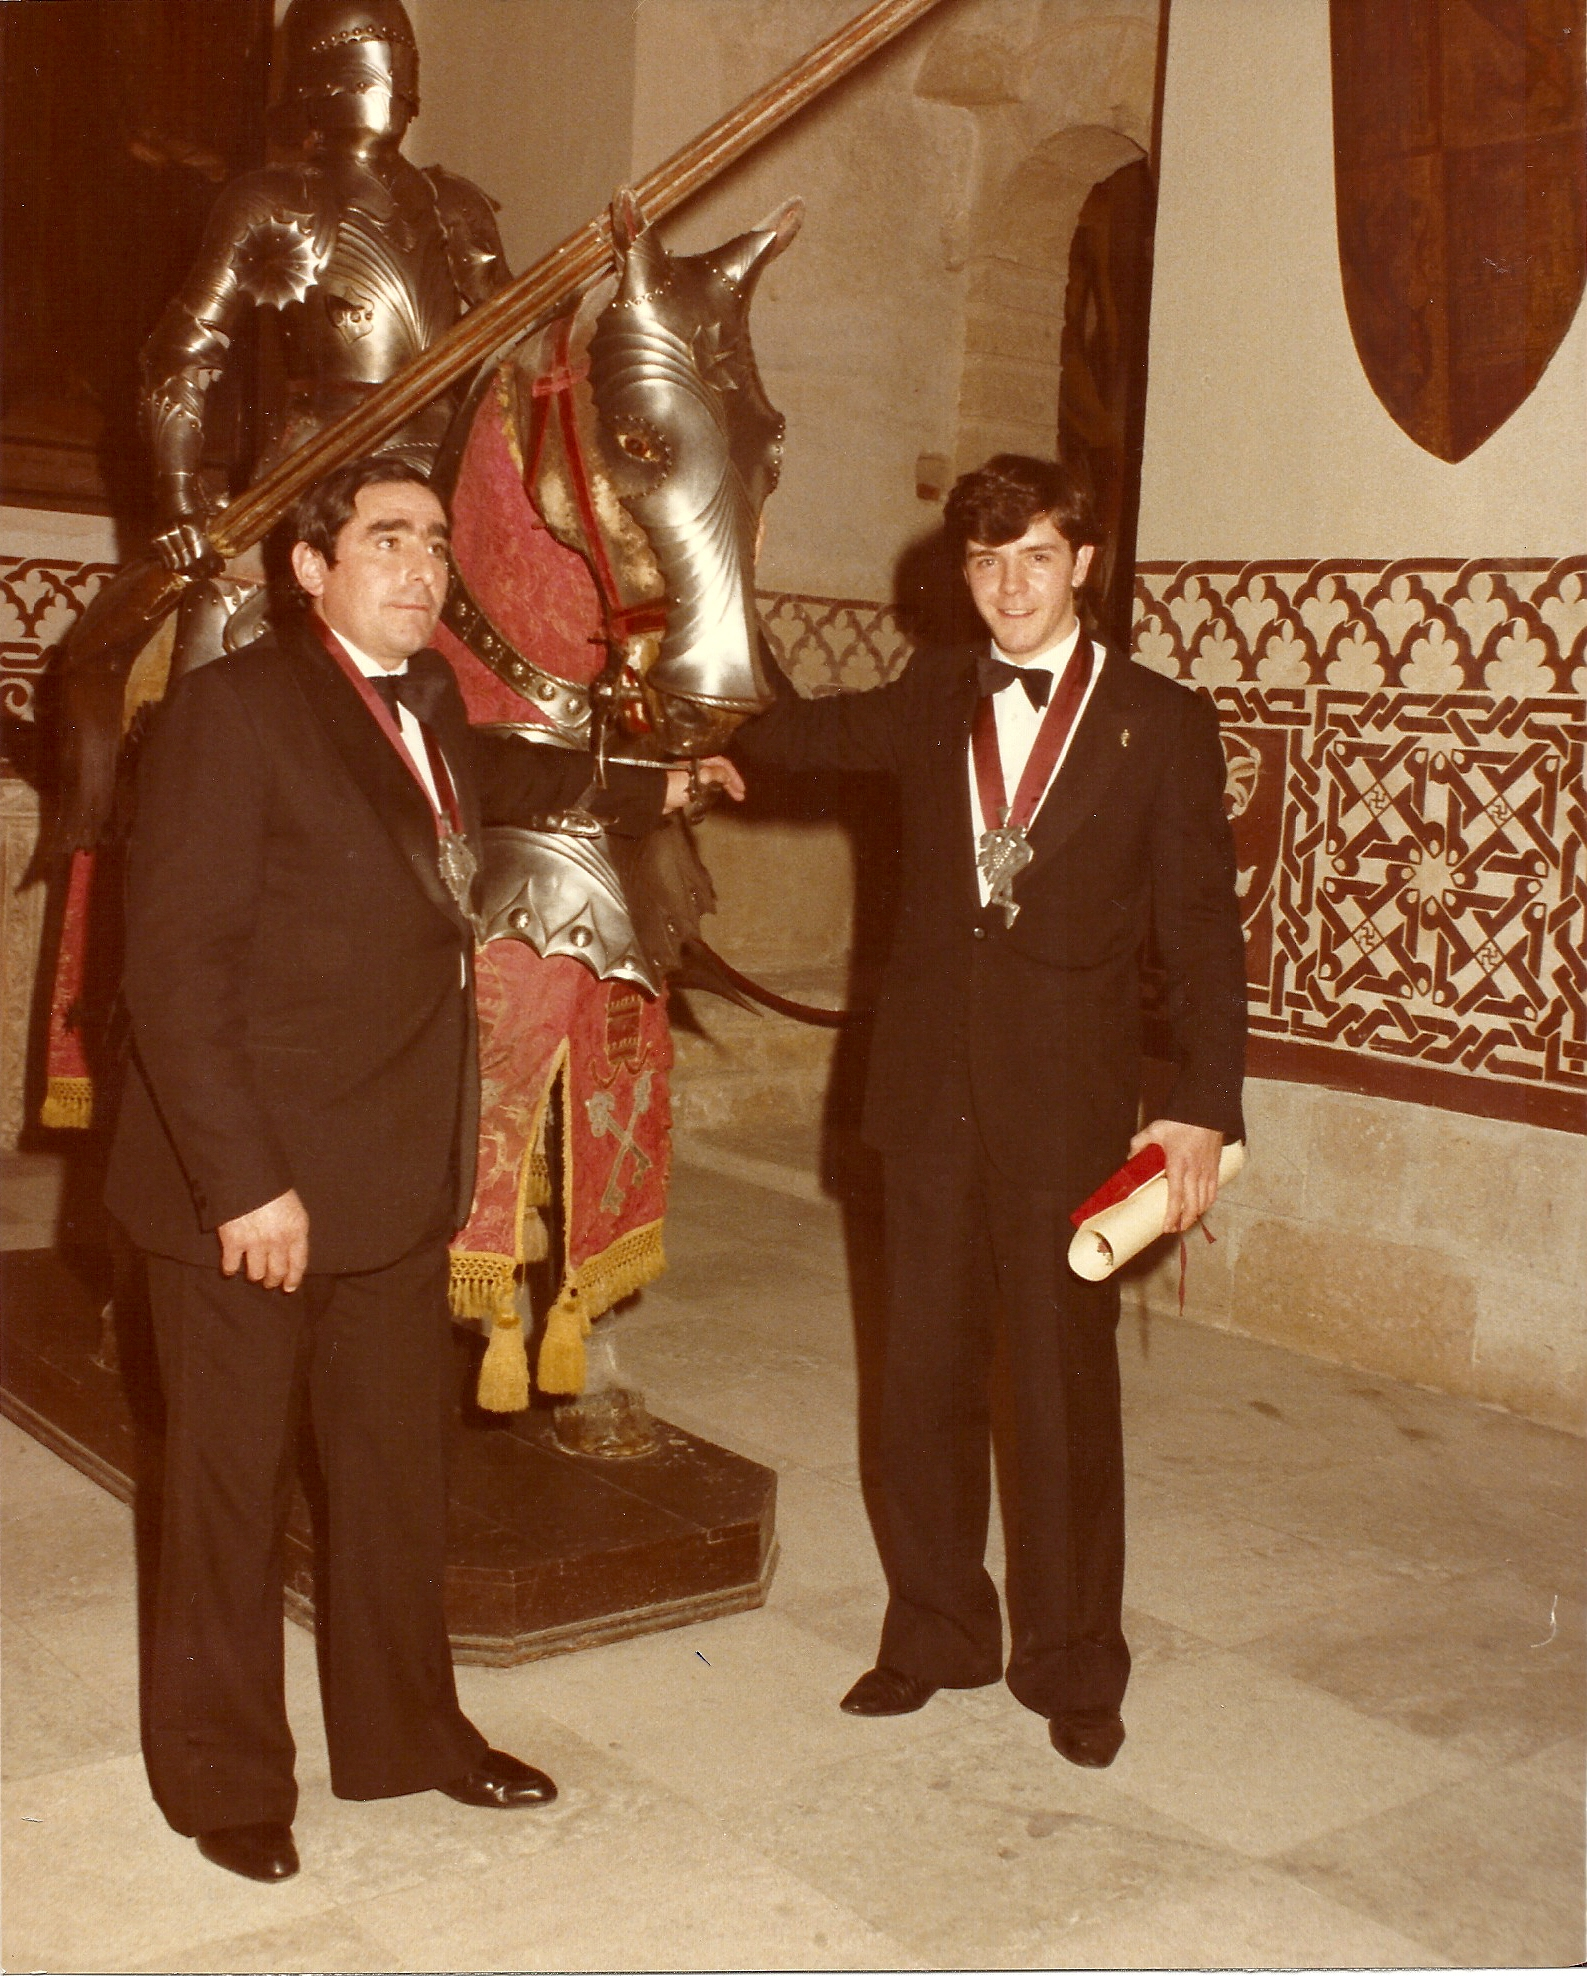 Don Eugenio Cuerdo con Don Candido Lopez Cuerdo (Mesón de Cándido) en el Alcazar de Segovia (1983)